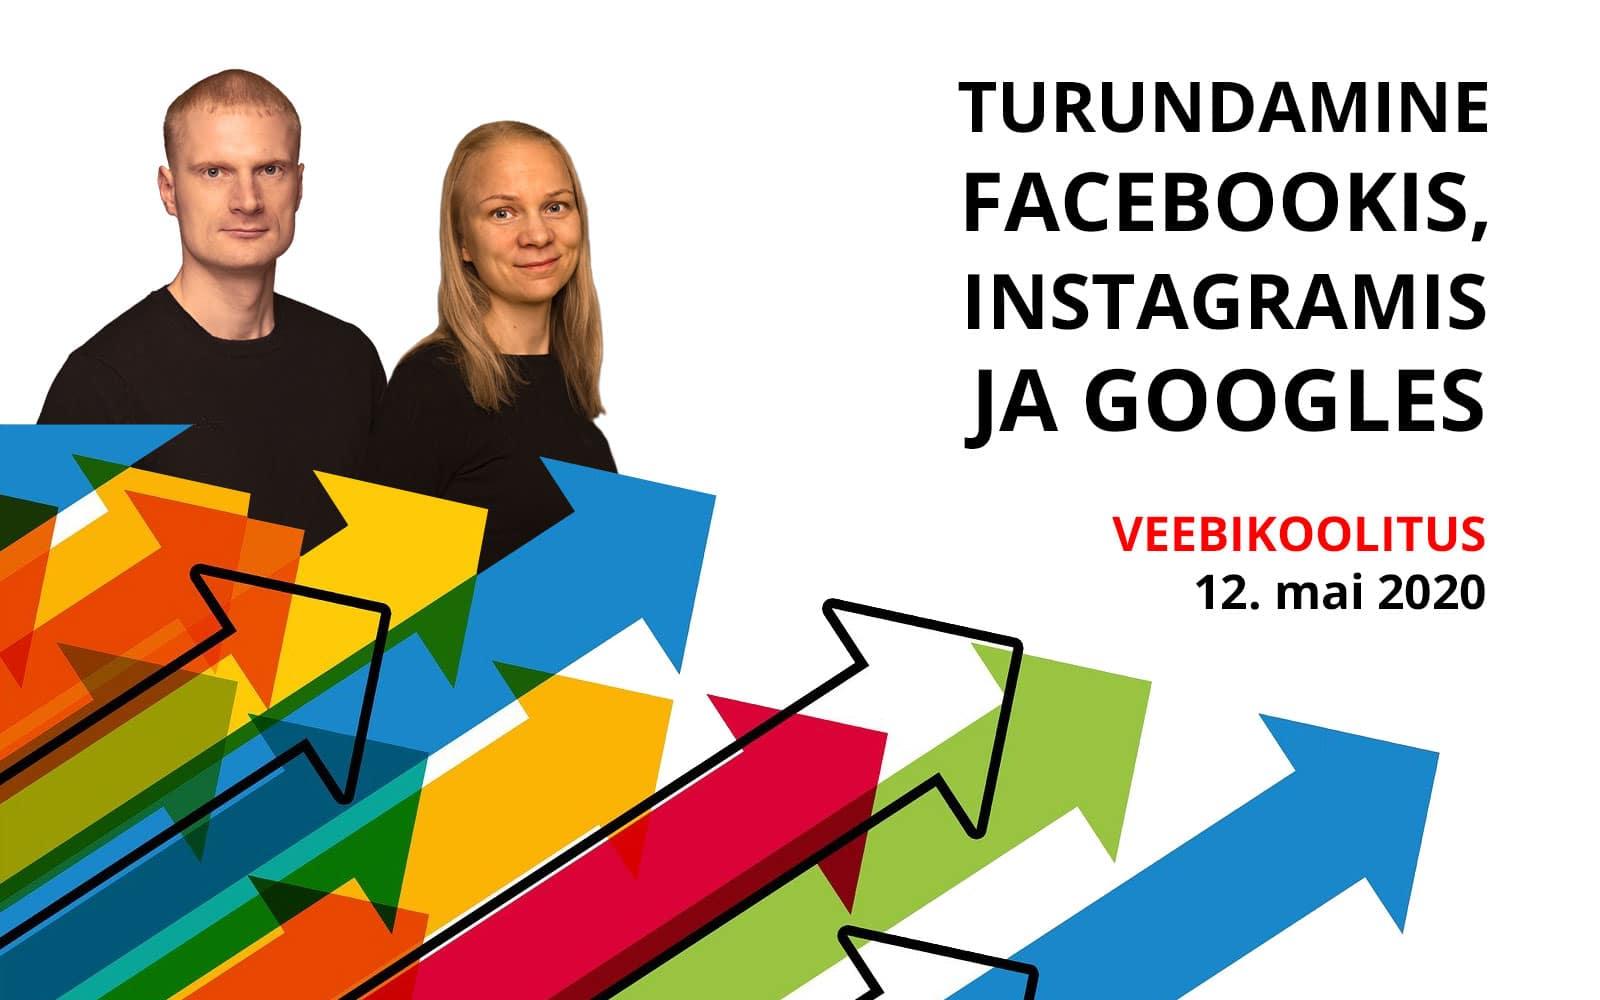 Turundamine-facebookis,-instagramis-ja-googles